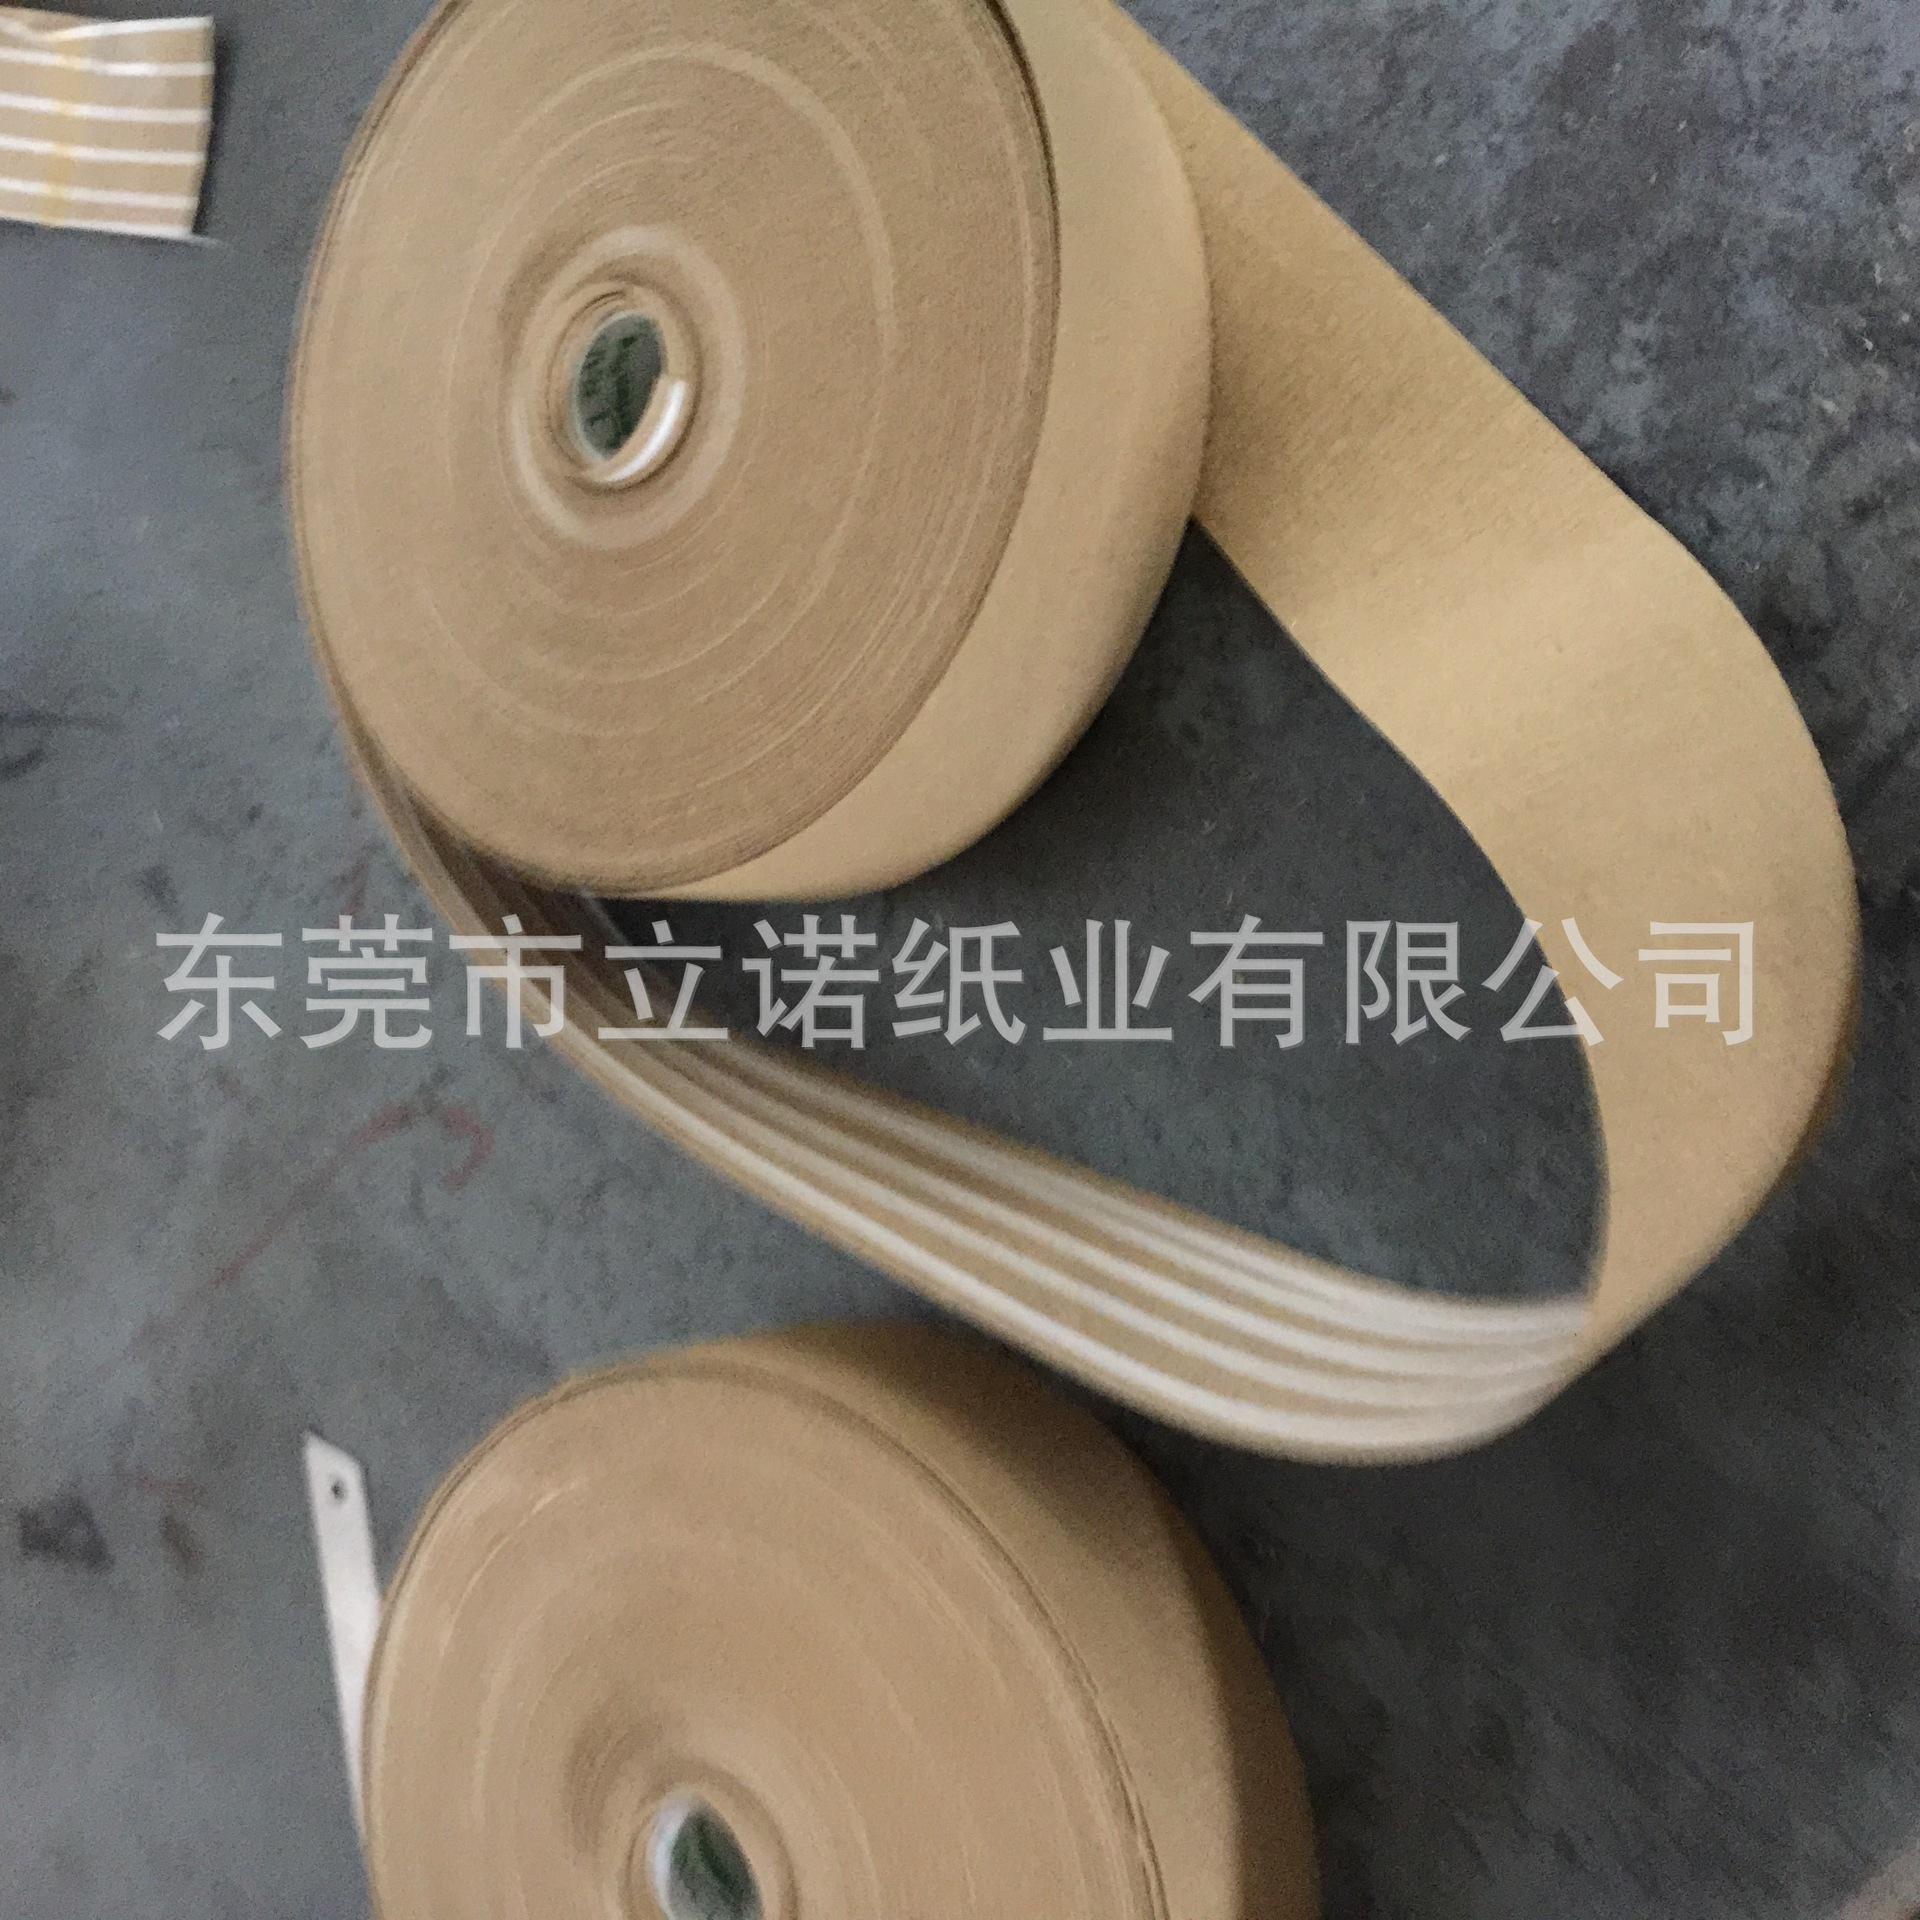 厂家批发 优质手工皱纹包装纸 皱纹夹丝防锈纸,黄皱纹纸,黄色皱